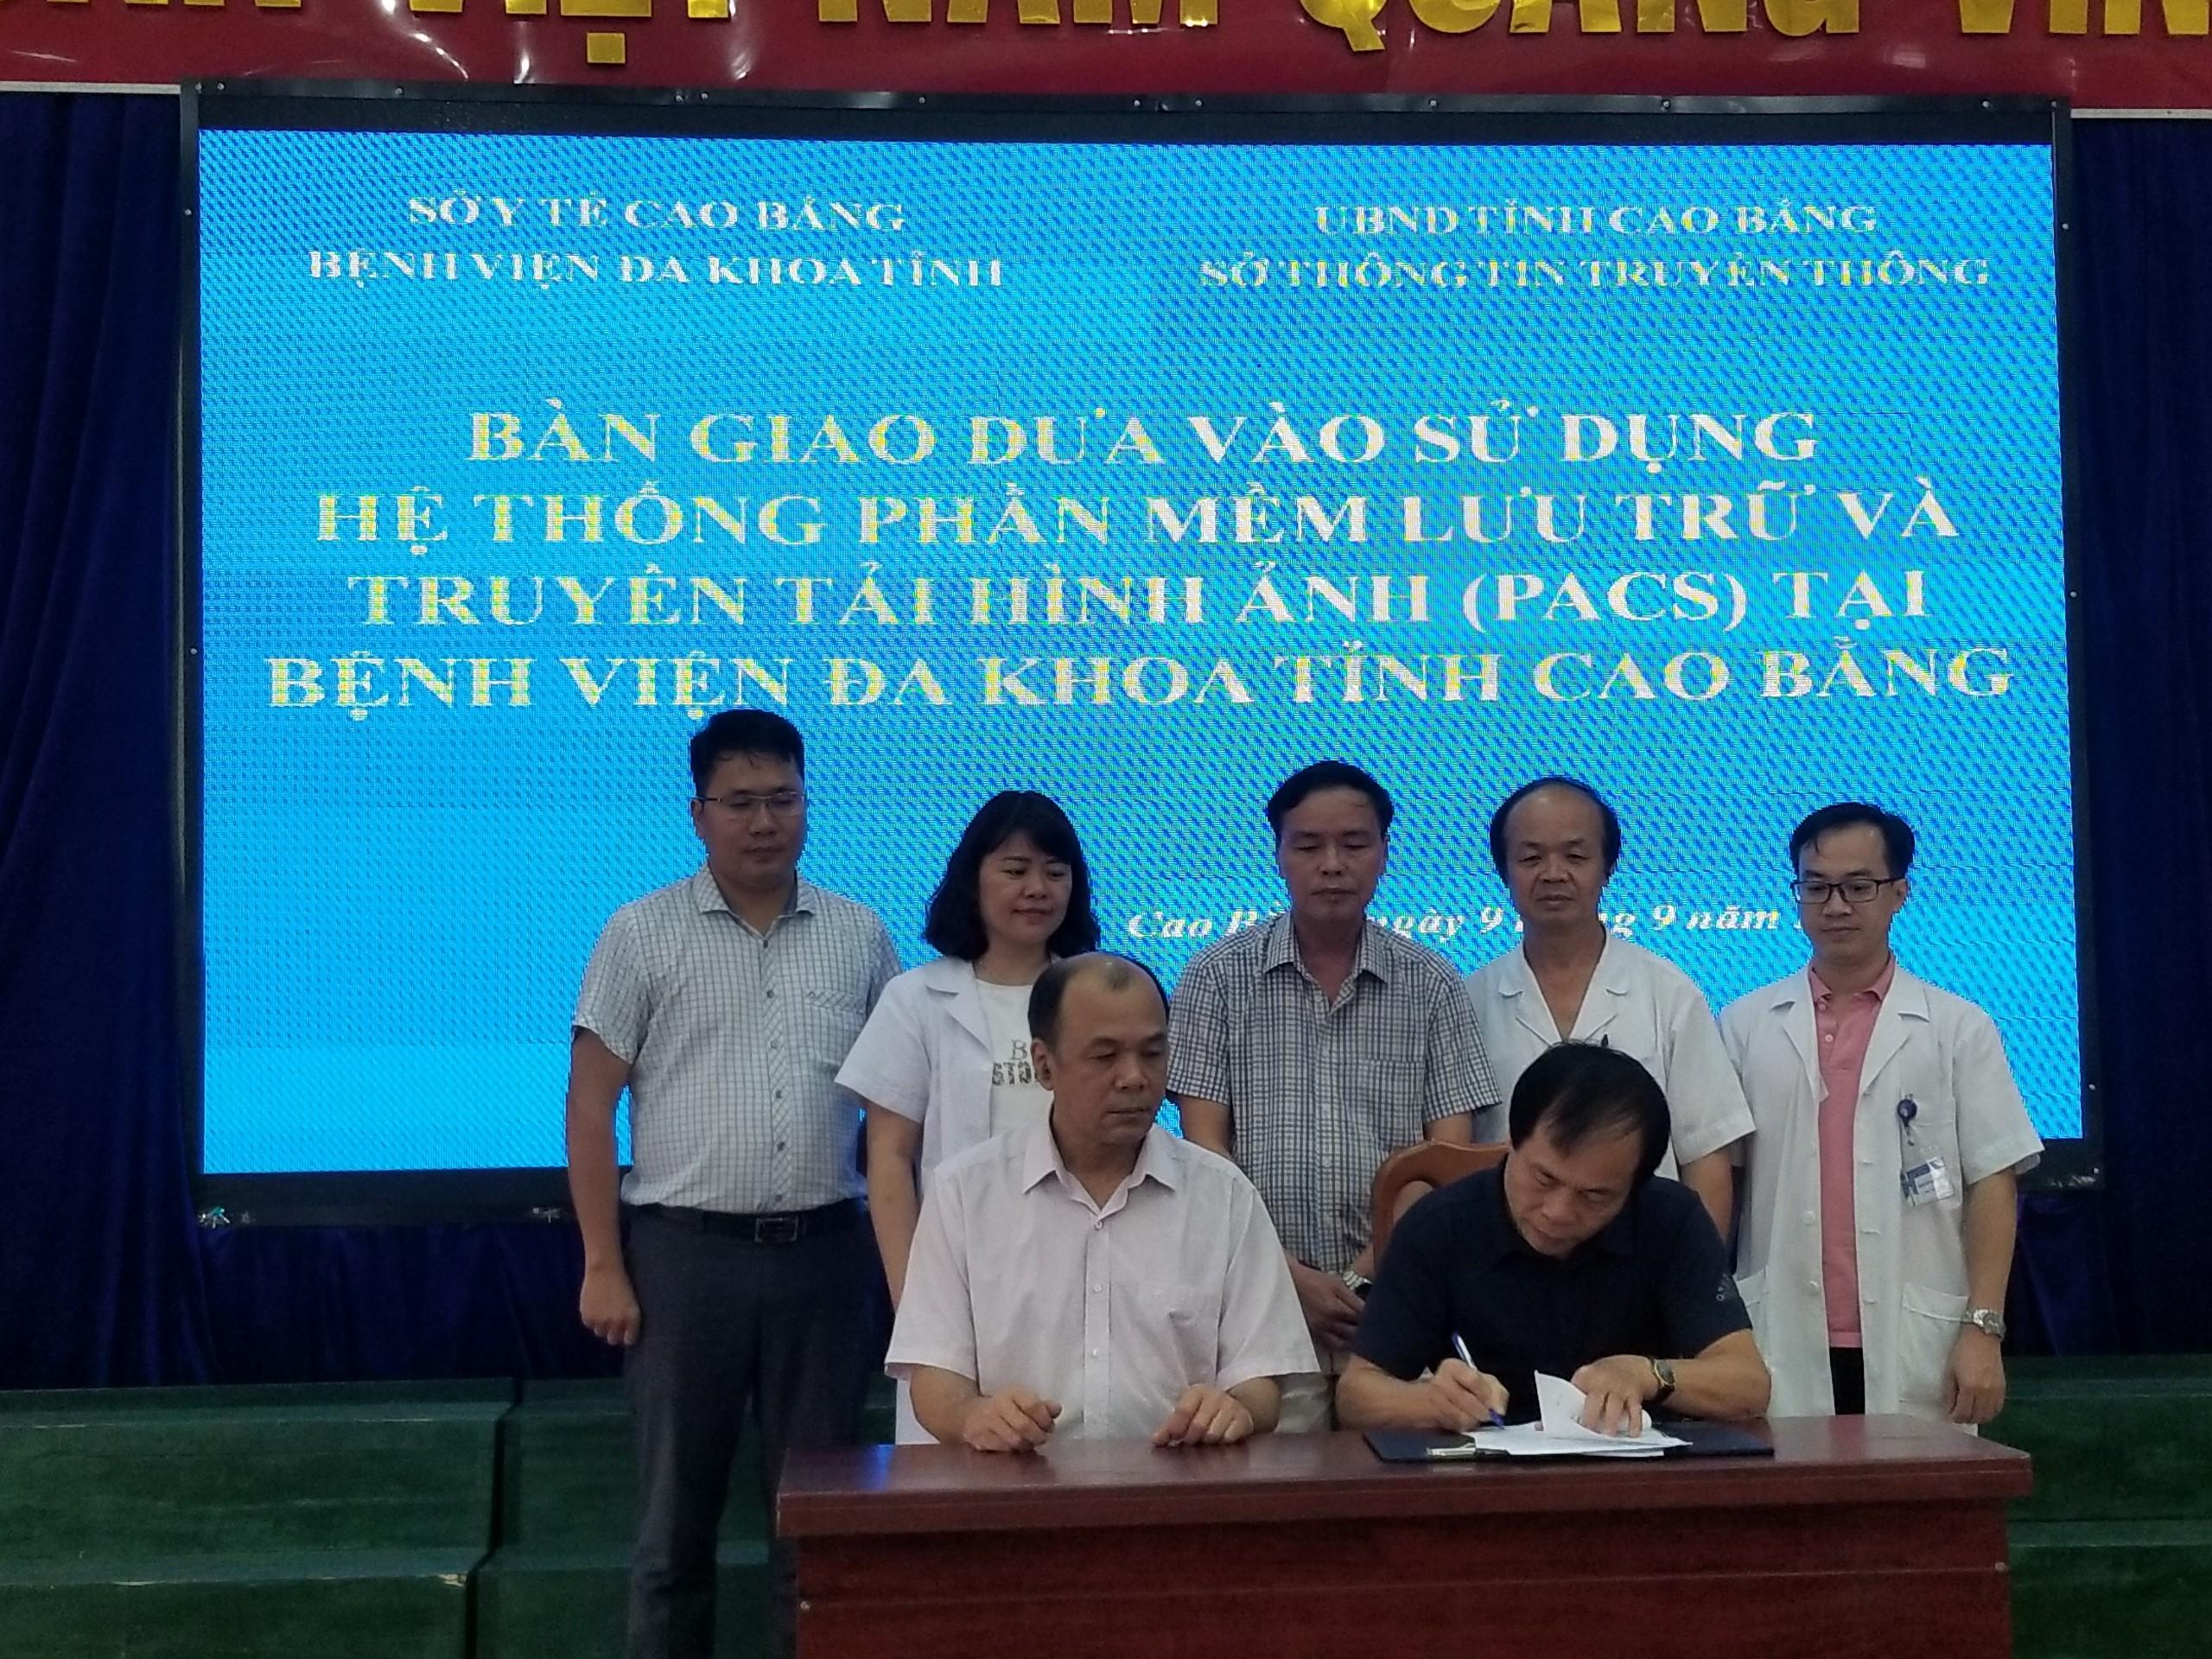 Nanosoft chuyển giao Hệ thống PACS tại Bệnh viện đa khoa tỉnh Cao Bằng